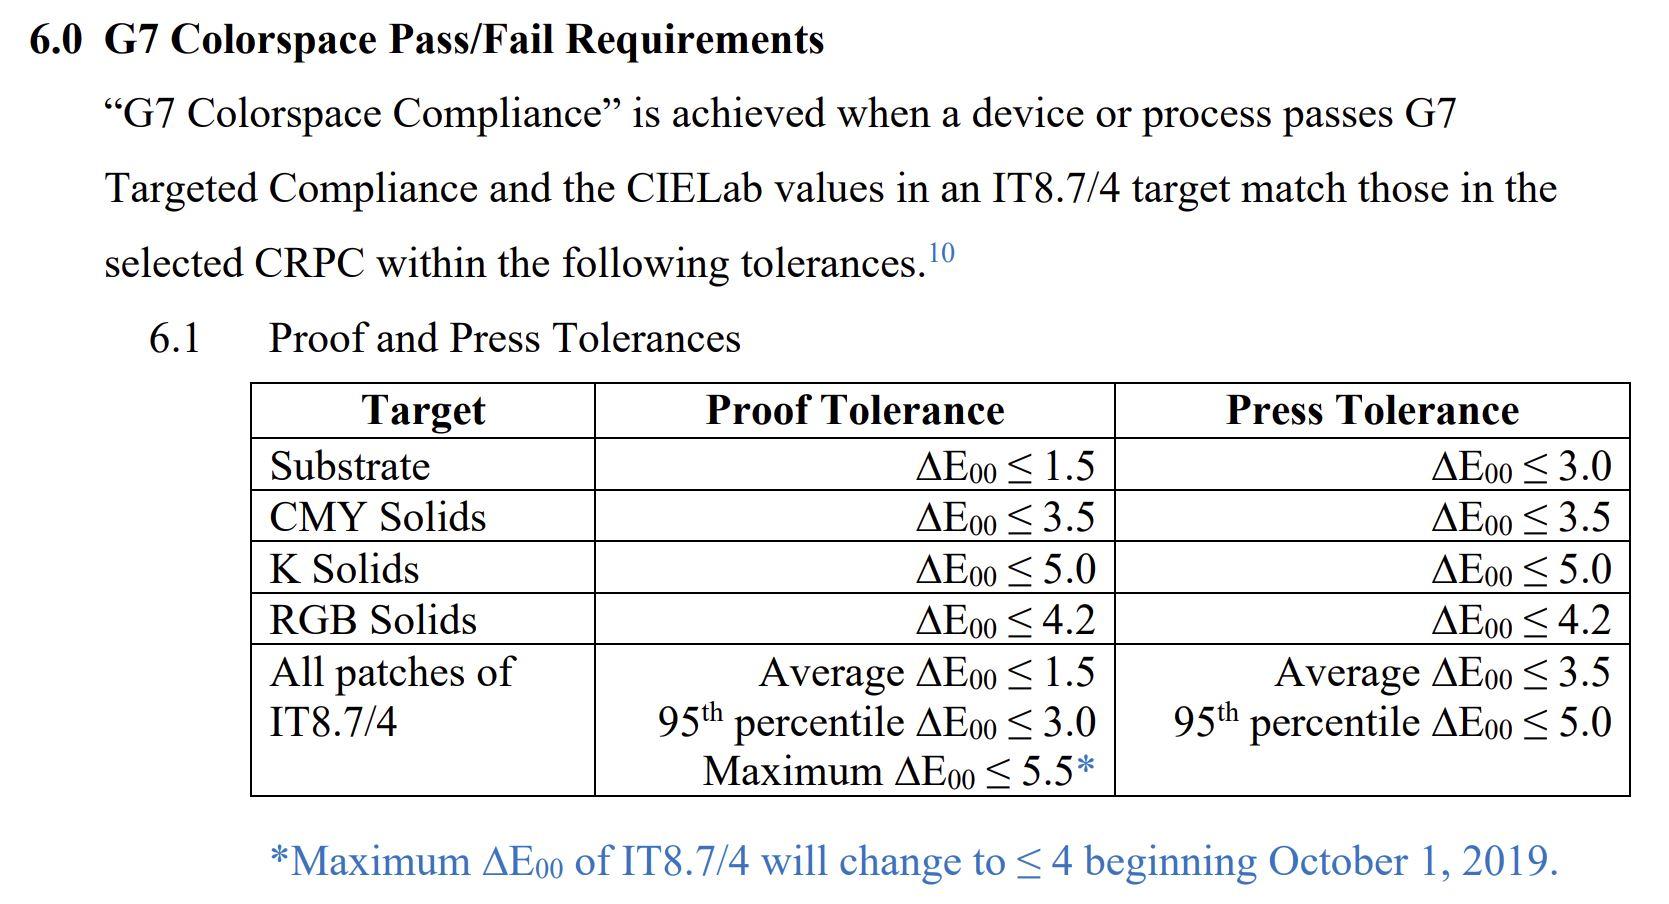 G7 tolerances